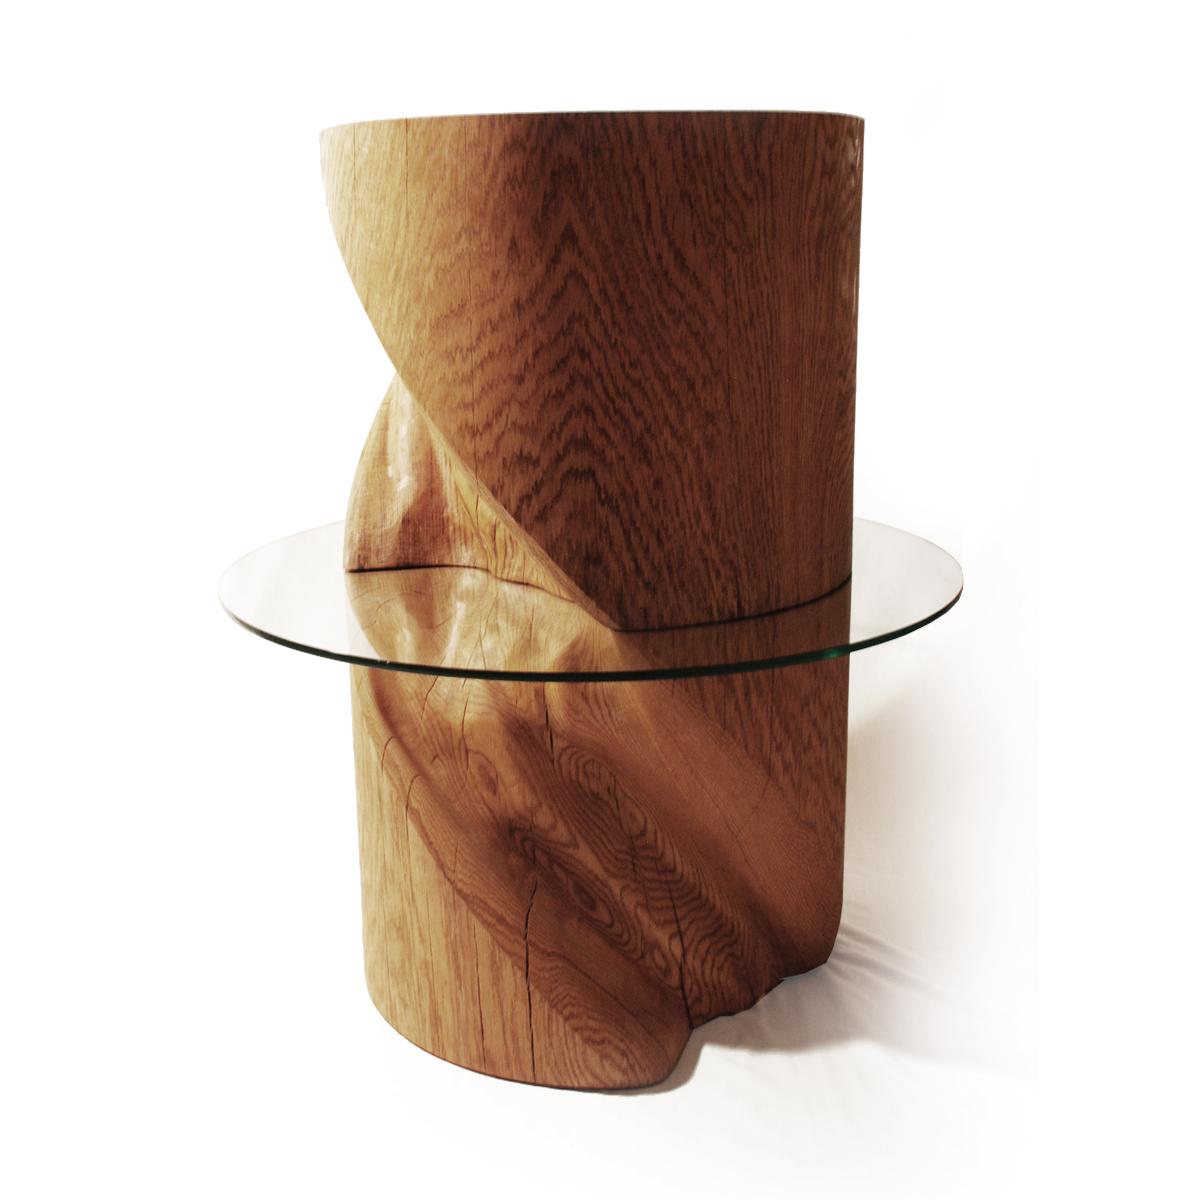 Eroded Cylinder Full2.jpg